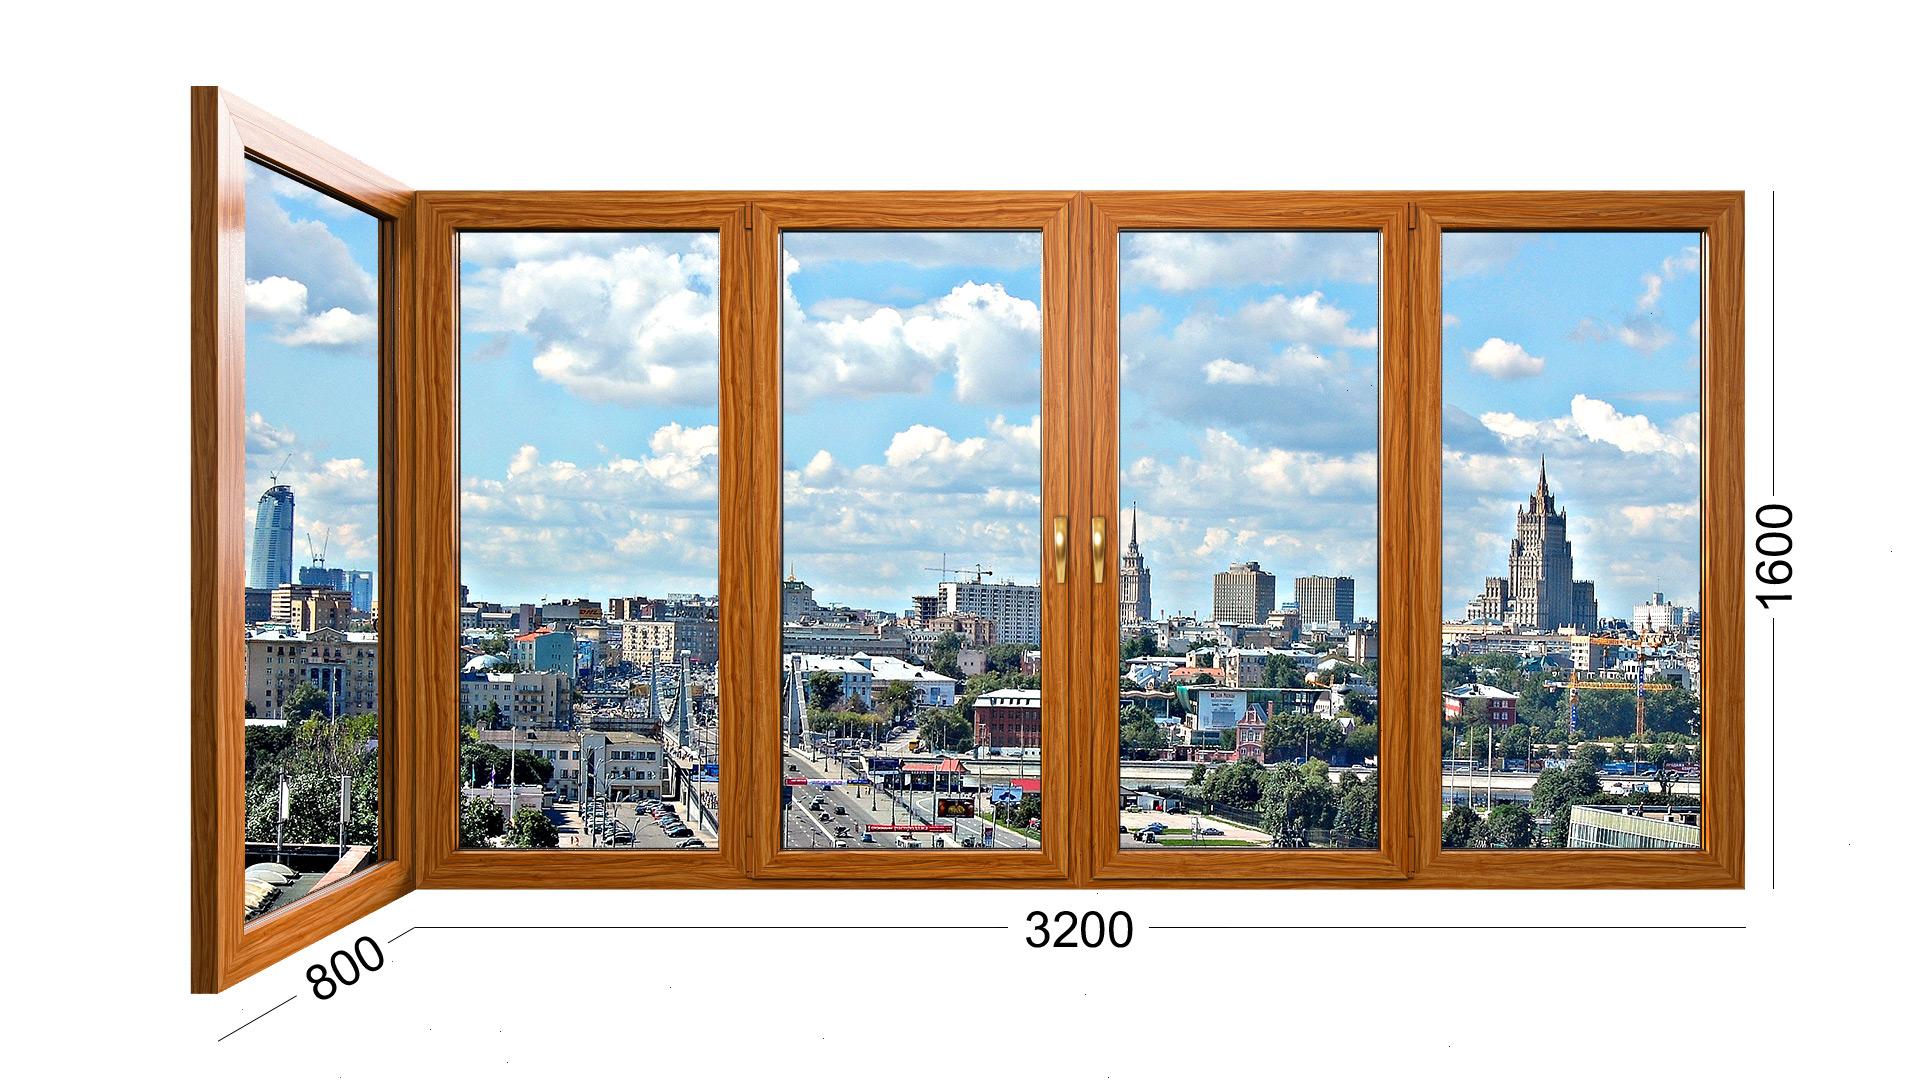 Угловое деревянное окно для лоджии или балкона в доме серии ii-18. Фото